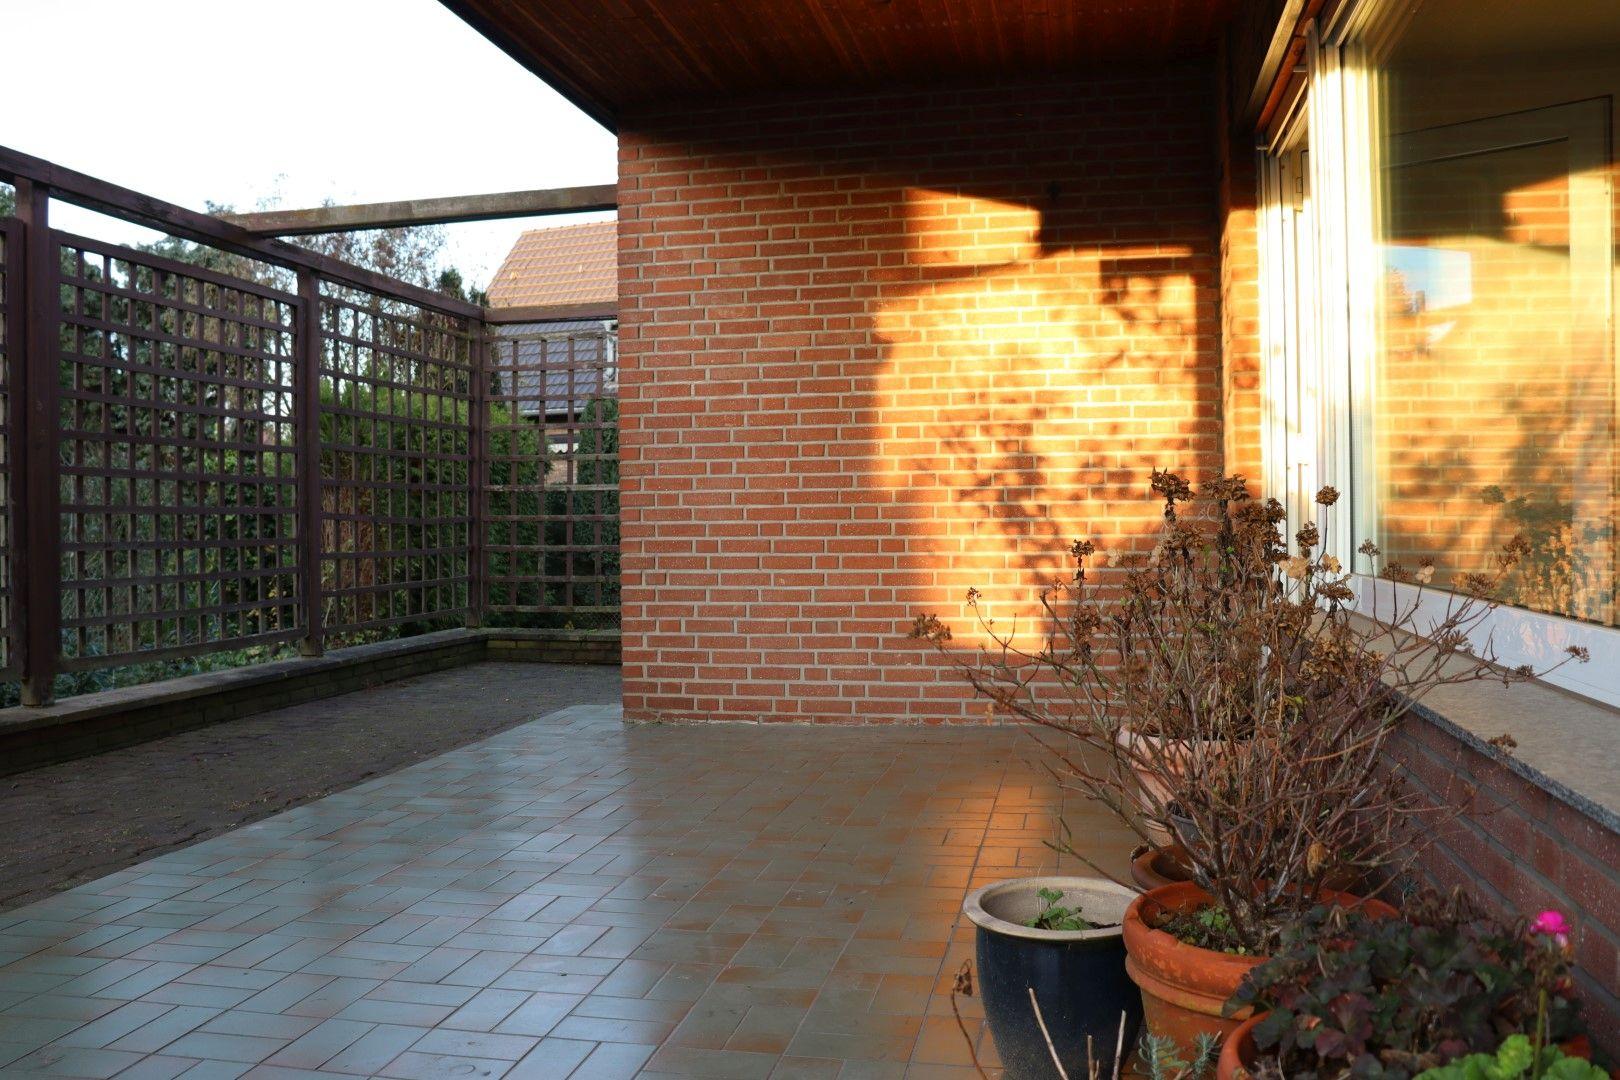 Immobilie Nr.0279 - Freistehendes EFH mit Anbau, Keller und Garage - Bild 13.jpg